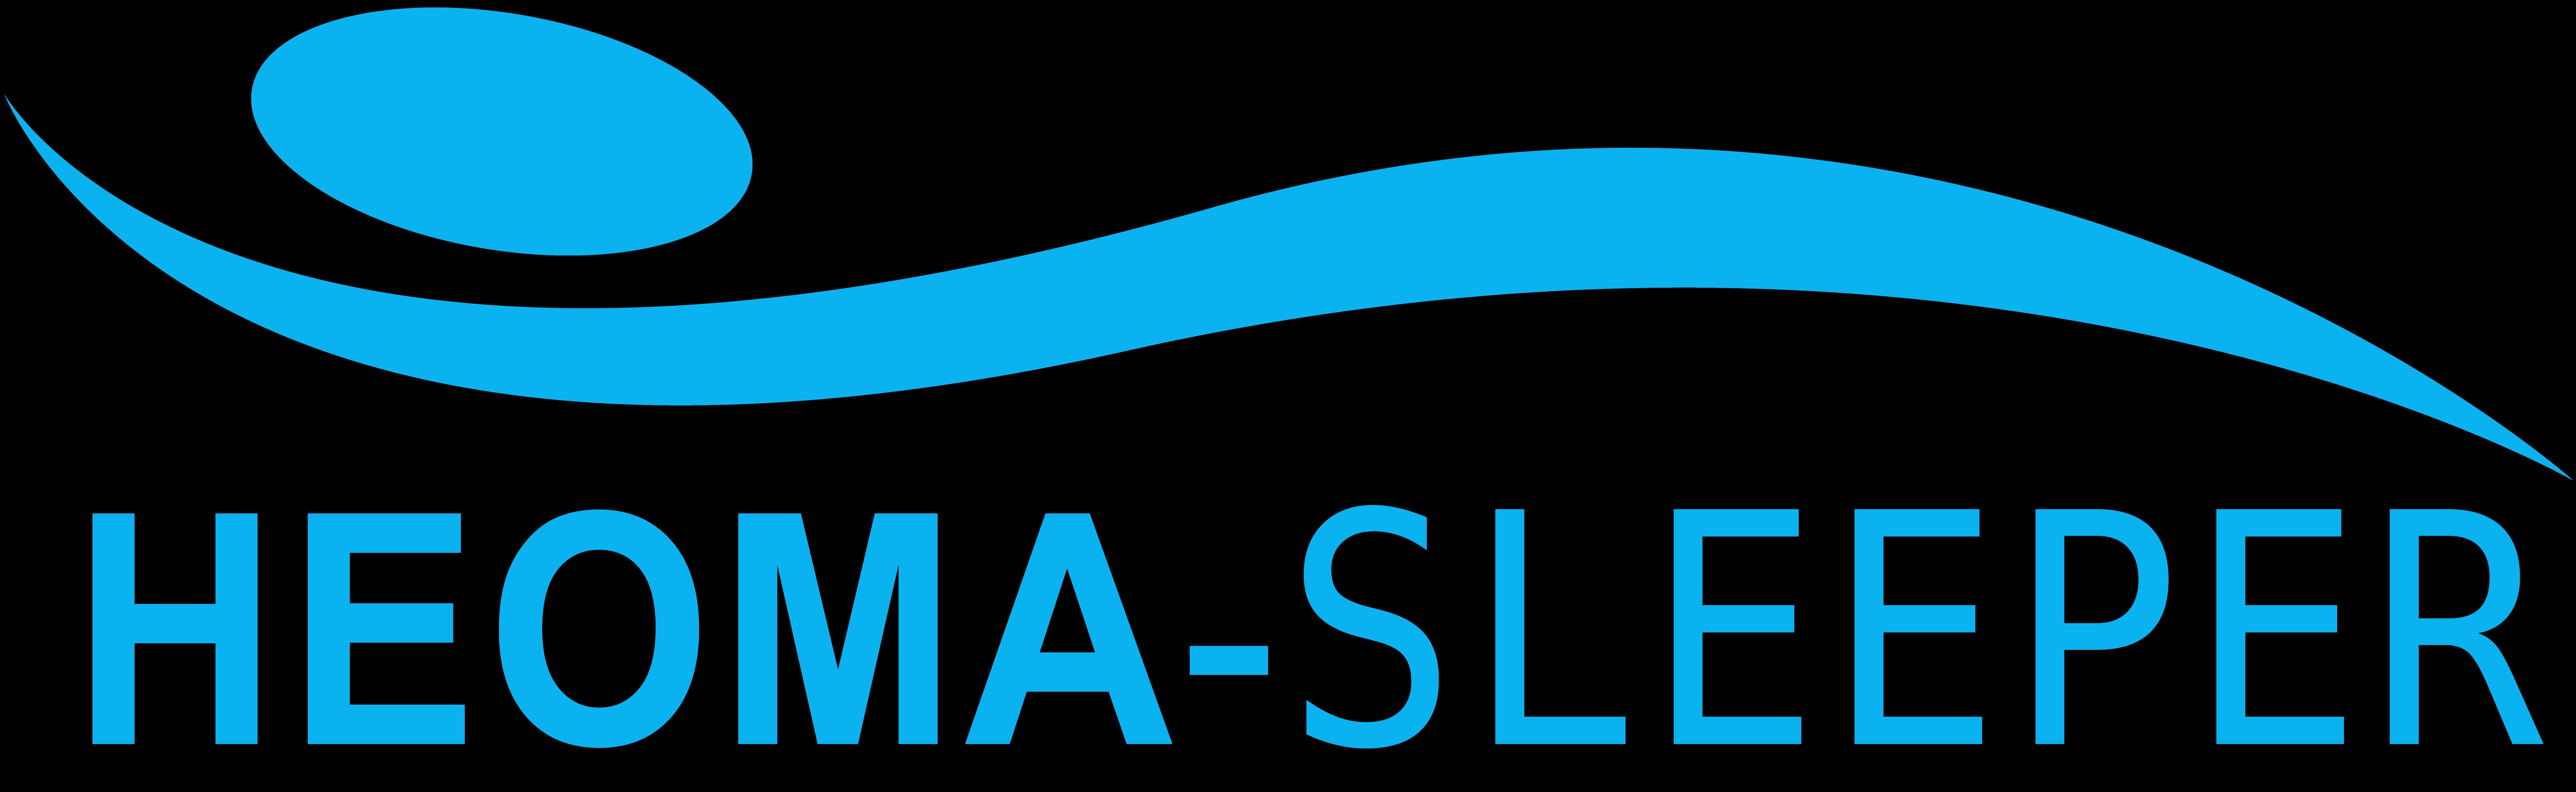 DER HEOMA SLEEPER : Wirkungsvoller Strahlenschutz